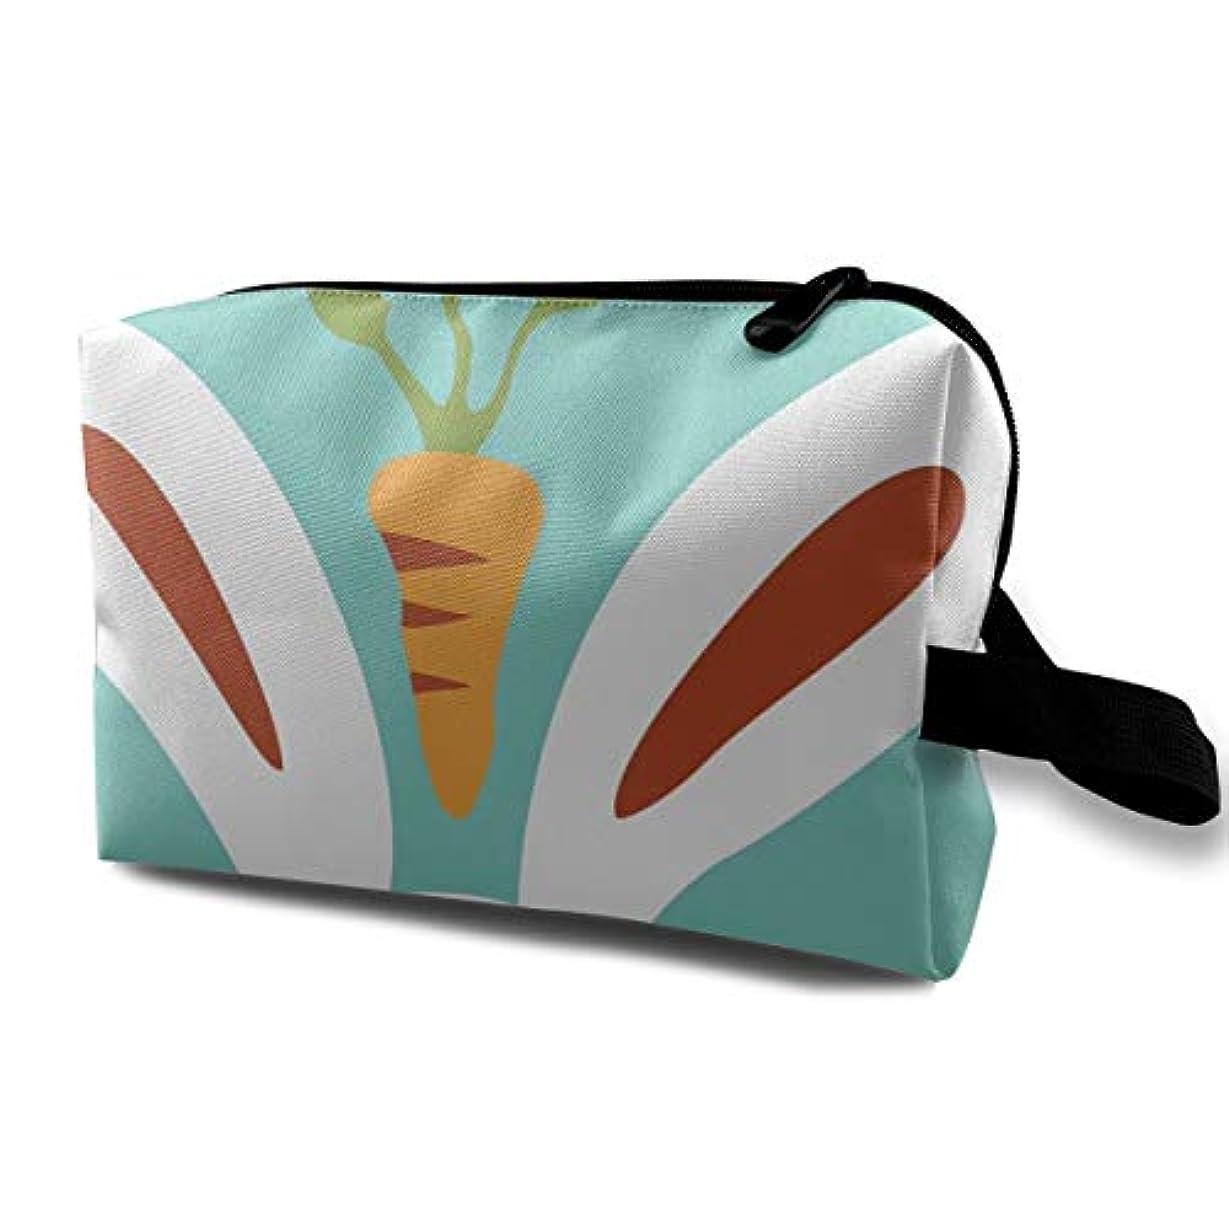 マイルドマスタード広いEaster Rabbit Carrot (1) 収納ポーチ 化粧ポーチ 大容量 軽量 耐久性 ハンドル付持ち運び便利。入れ 自宅?出張?旅行?アウトドア撮影などに対応。メンズ レディース トラベルグッズ